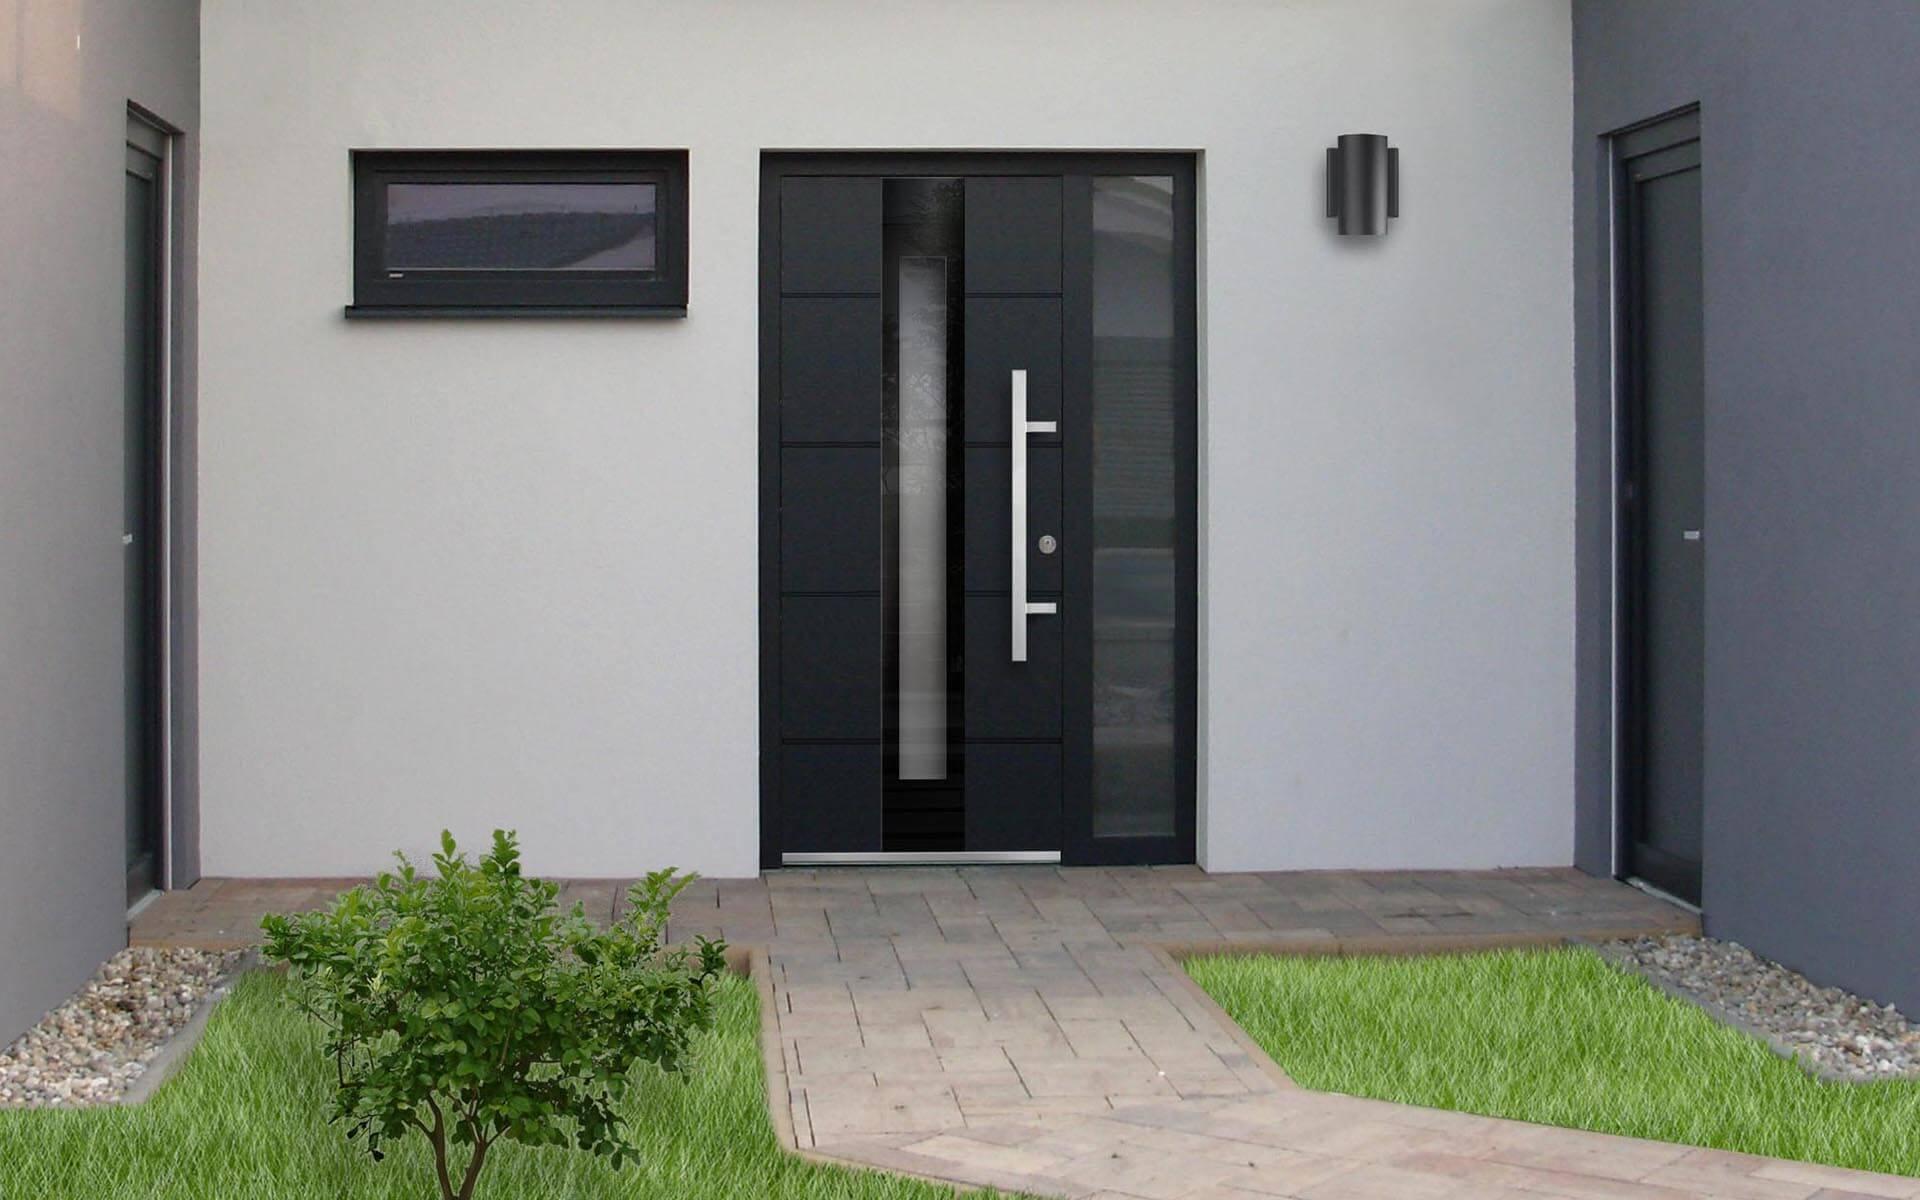 Hliníkové dvere s hliníkovou výplňou Prestige vo farbe antracit